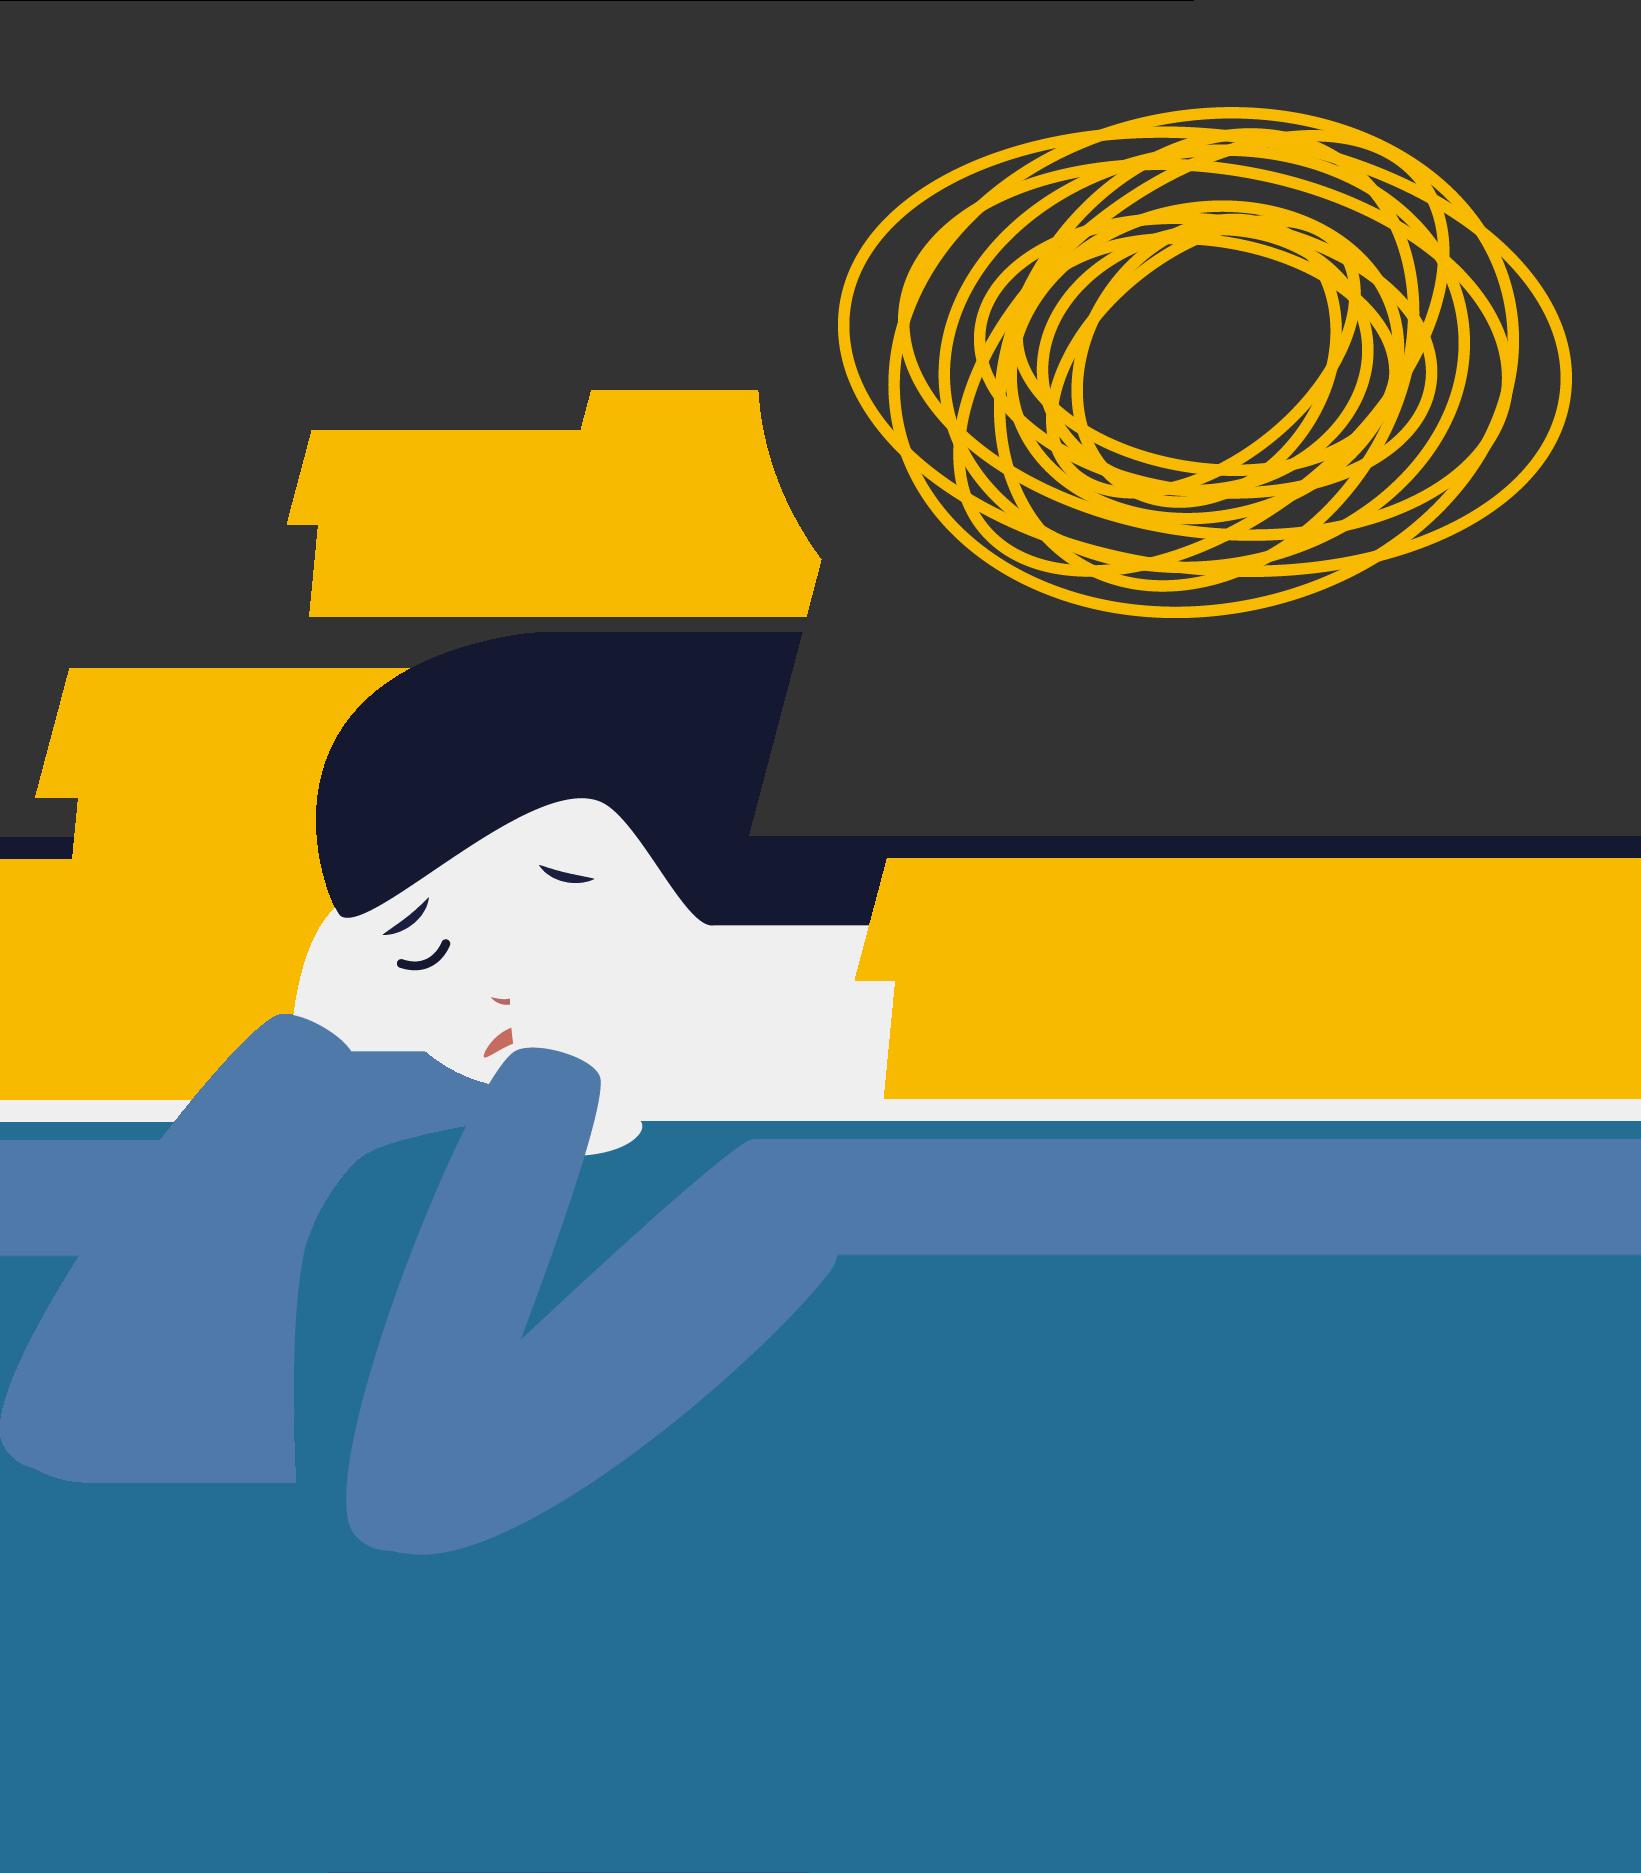 Ilustración de una persona llorando desconsoladamente porque se siente insegura.